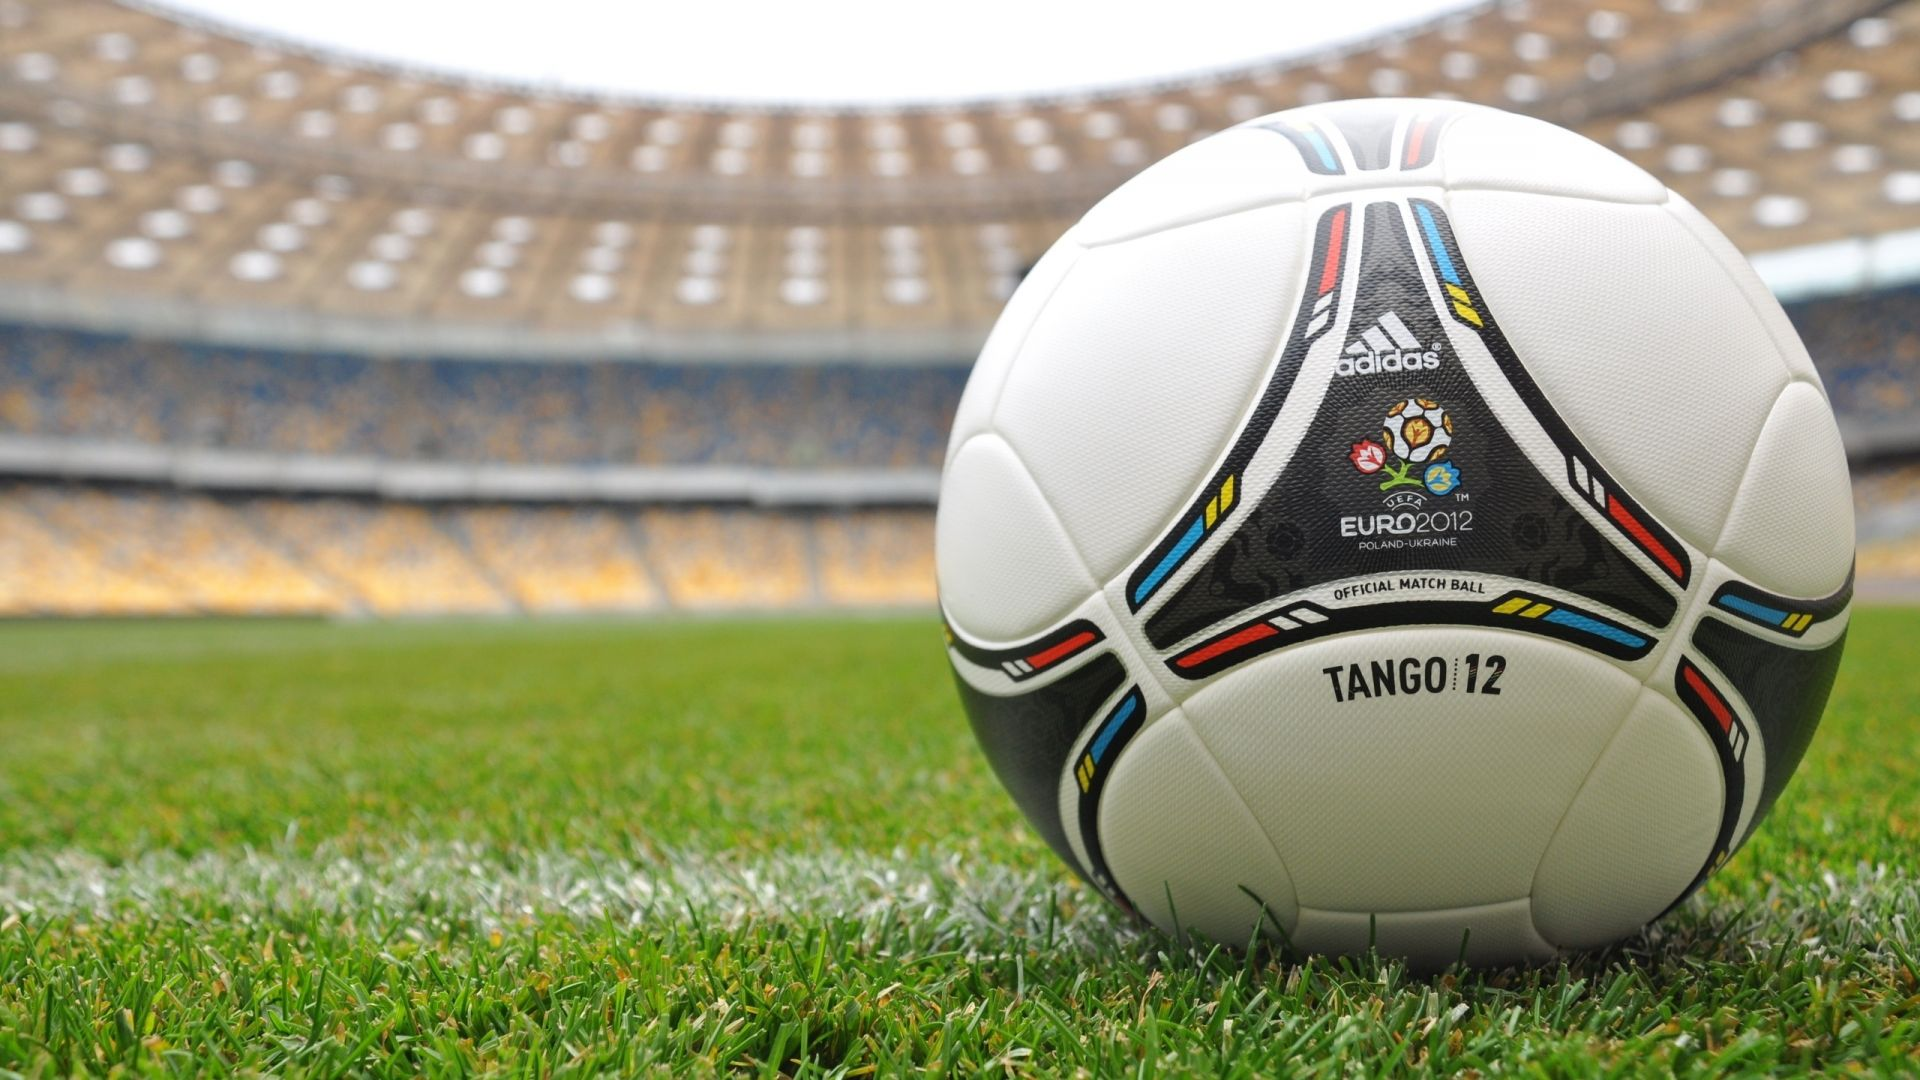 Euro 2012 - Adidas football hd wallpapers ...